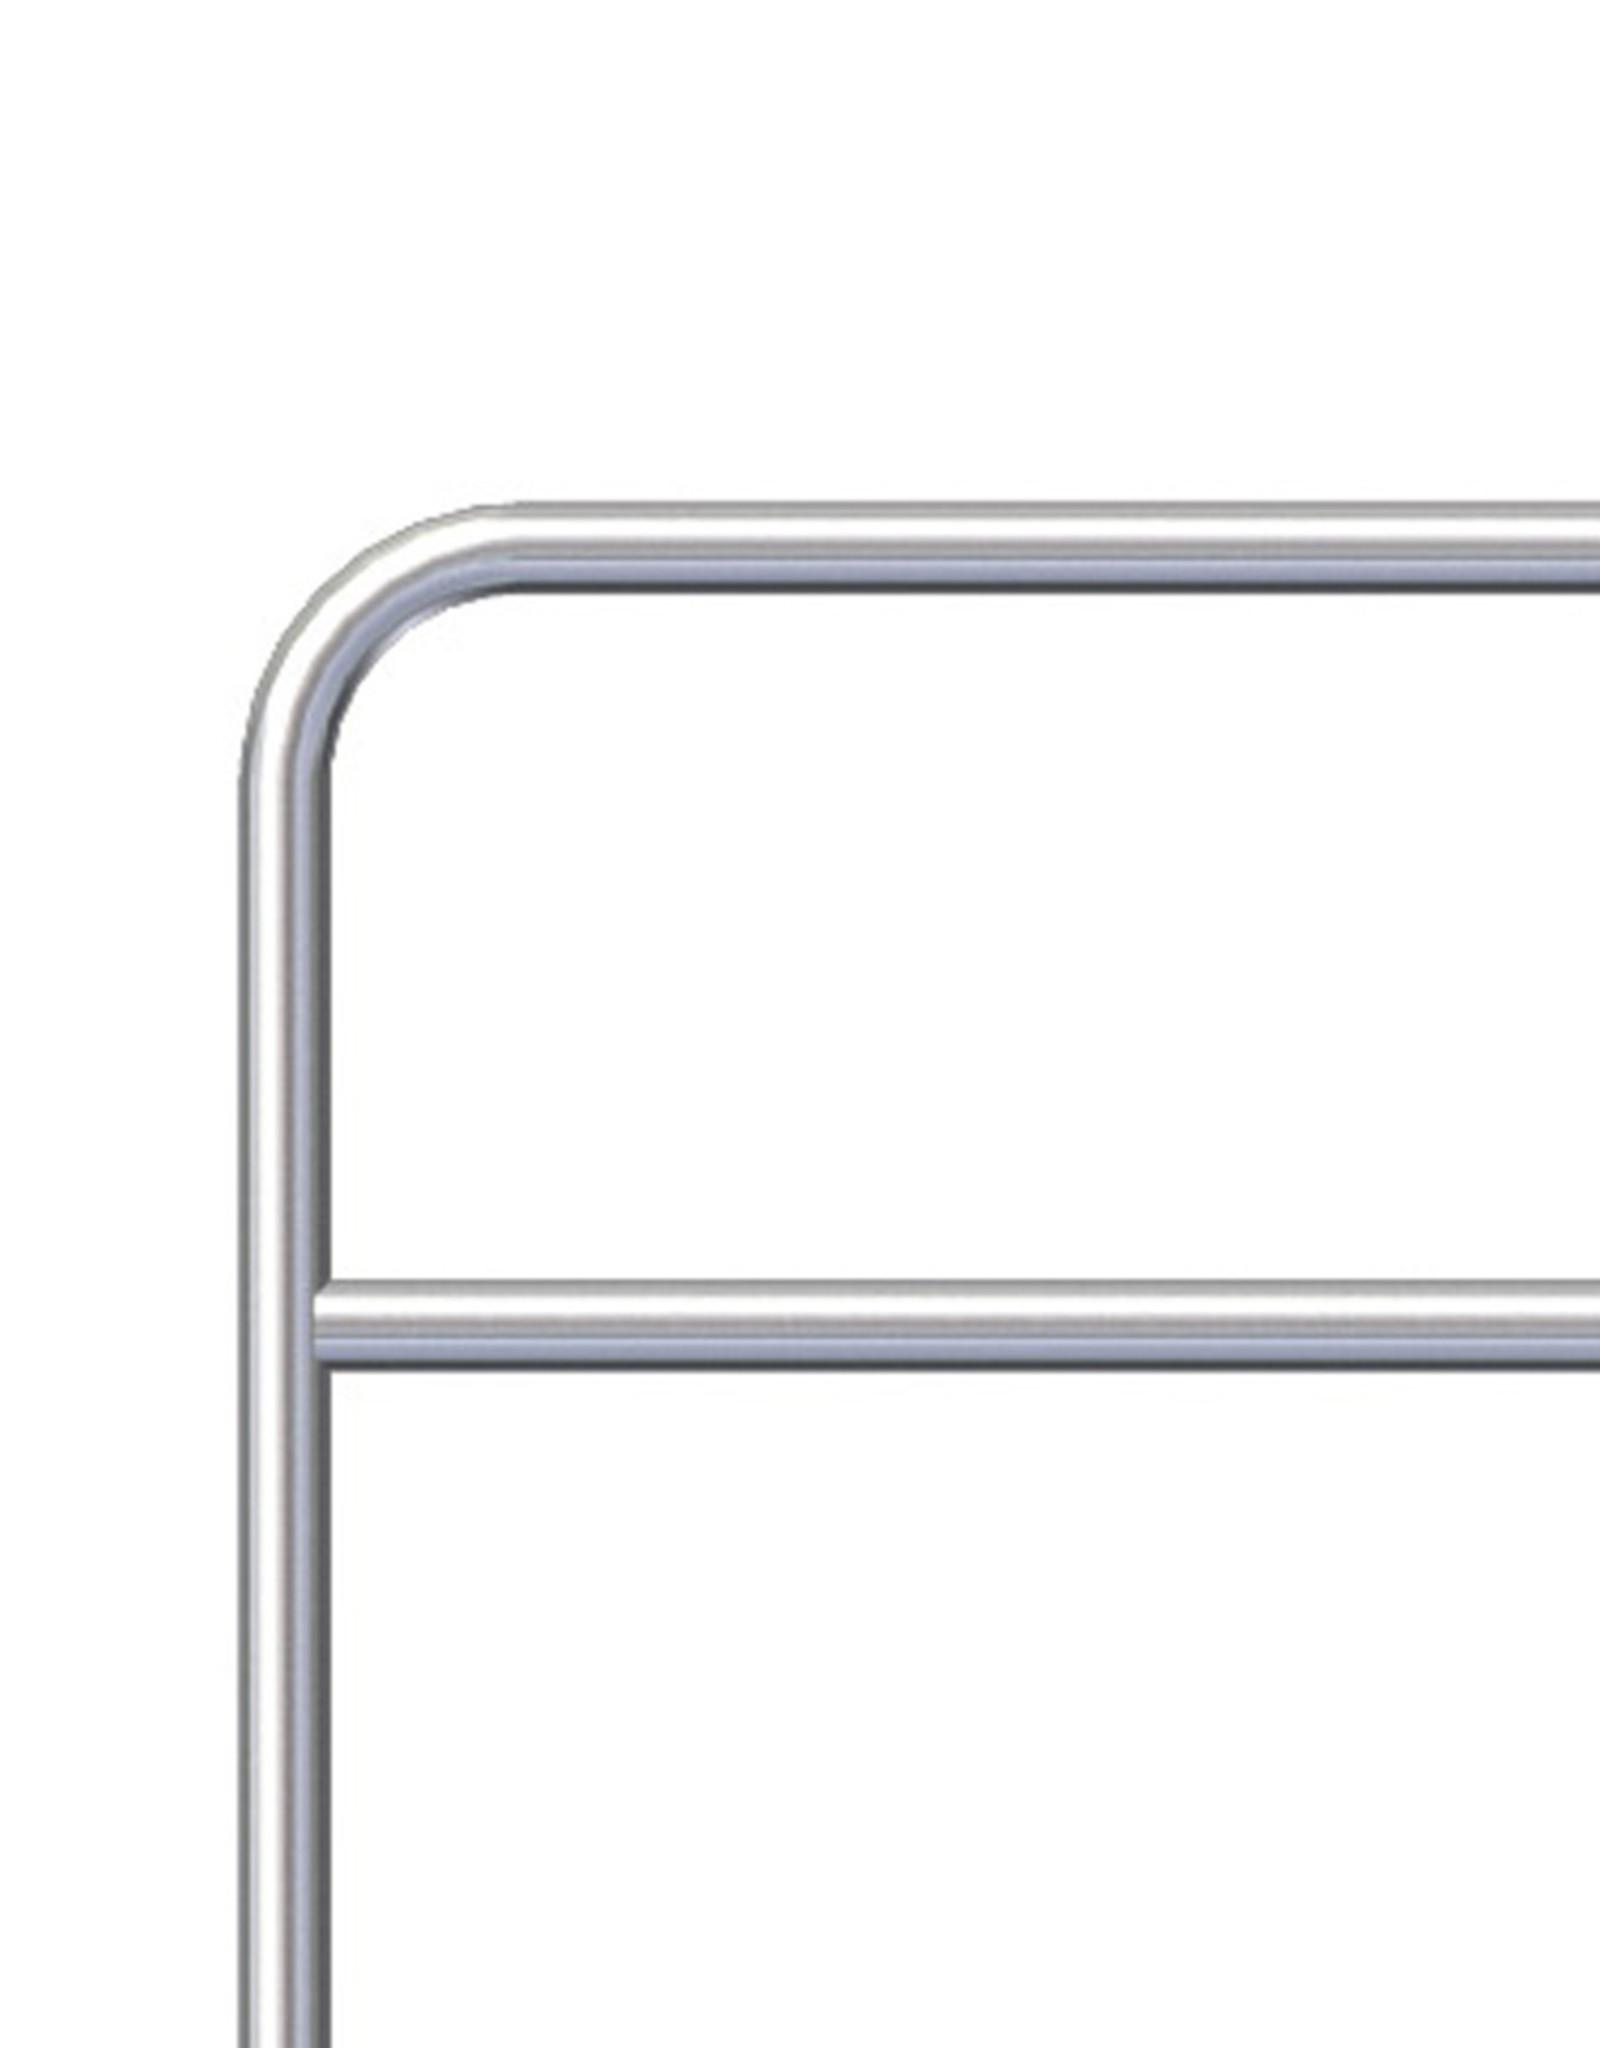 Ri-Traffic | Sluishekken Staal Gegalvaniseerd 120 cm x 120 cm